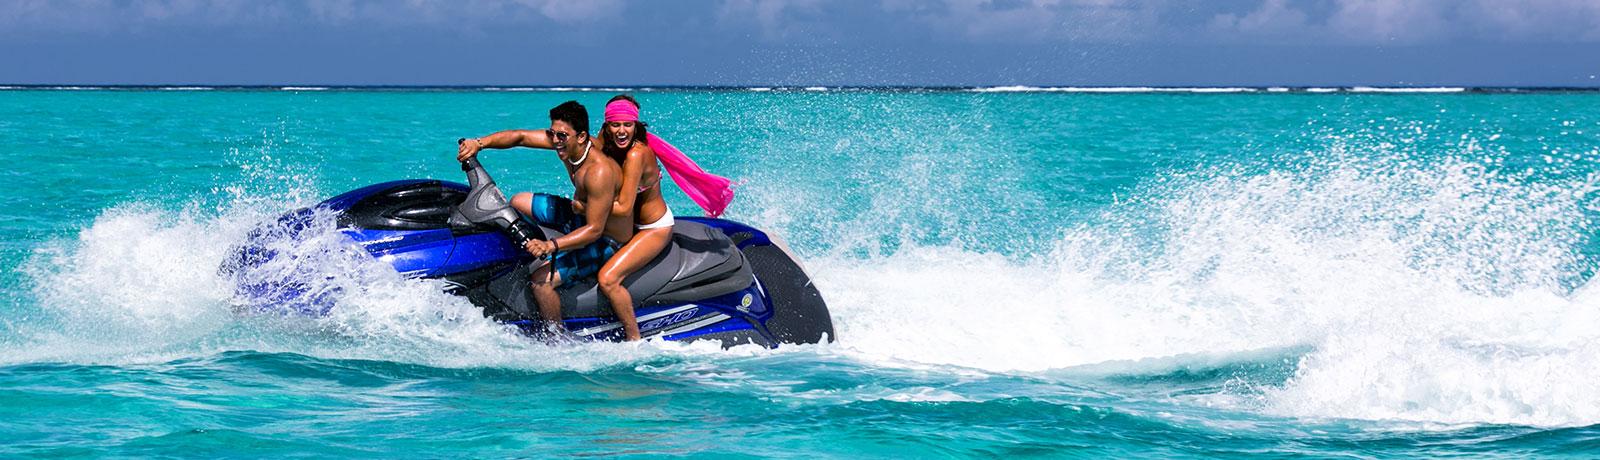 Jet Ski Fun, X'tan Ha Resort